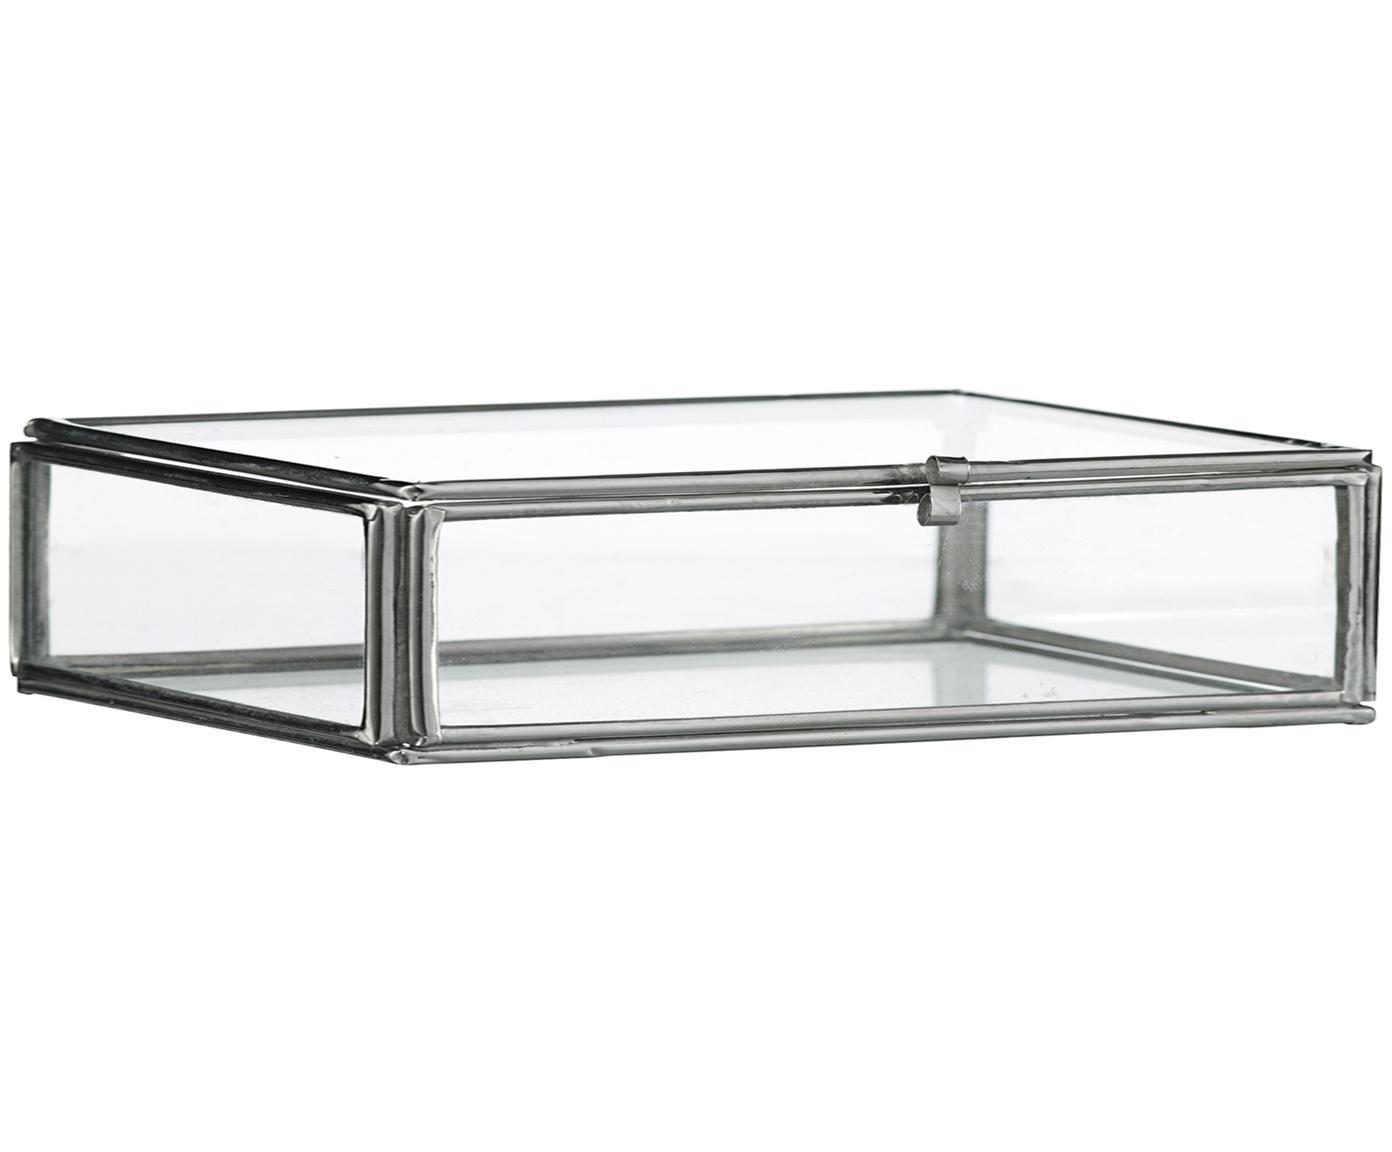 Pudełko do przechowywania Ivey, Stal szlachetna, S 11 x W 4 cm